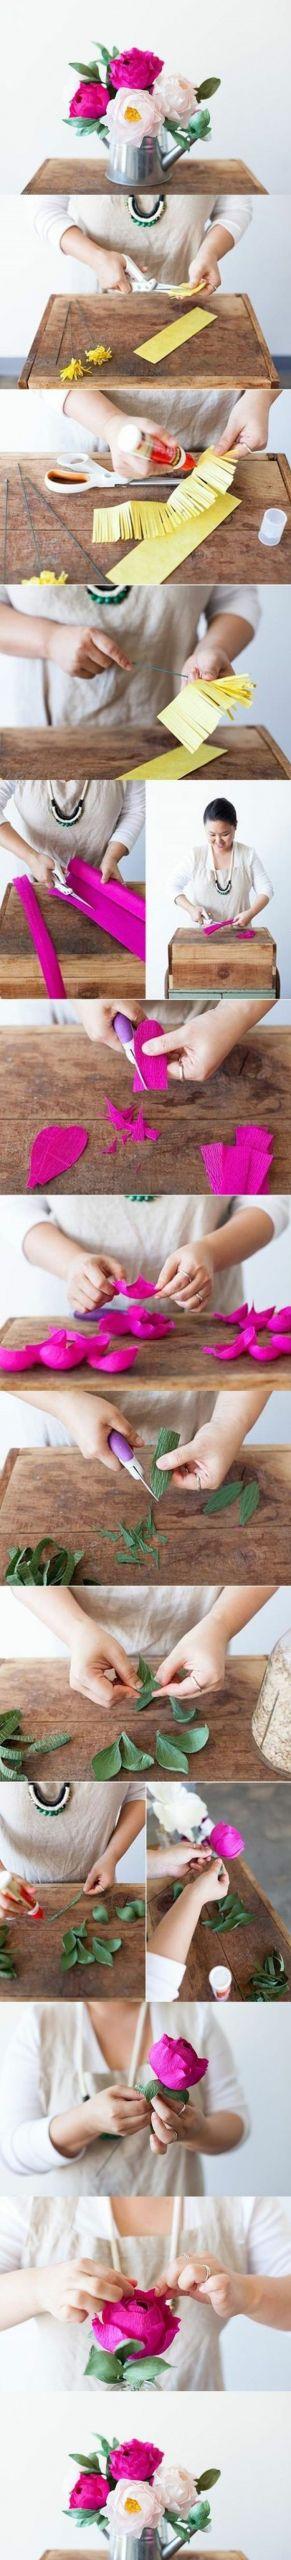 basteln fr C3 BChling vase blumen aus stoff selber machen fr C3 BChlingsdekoration tischdeko e